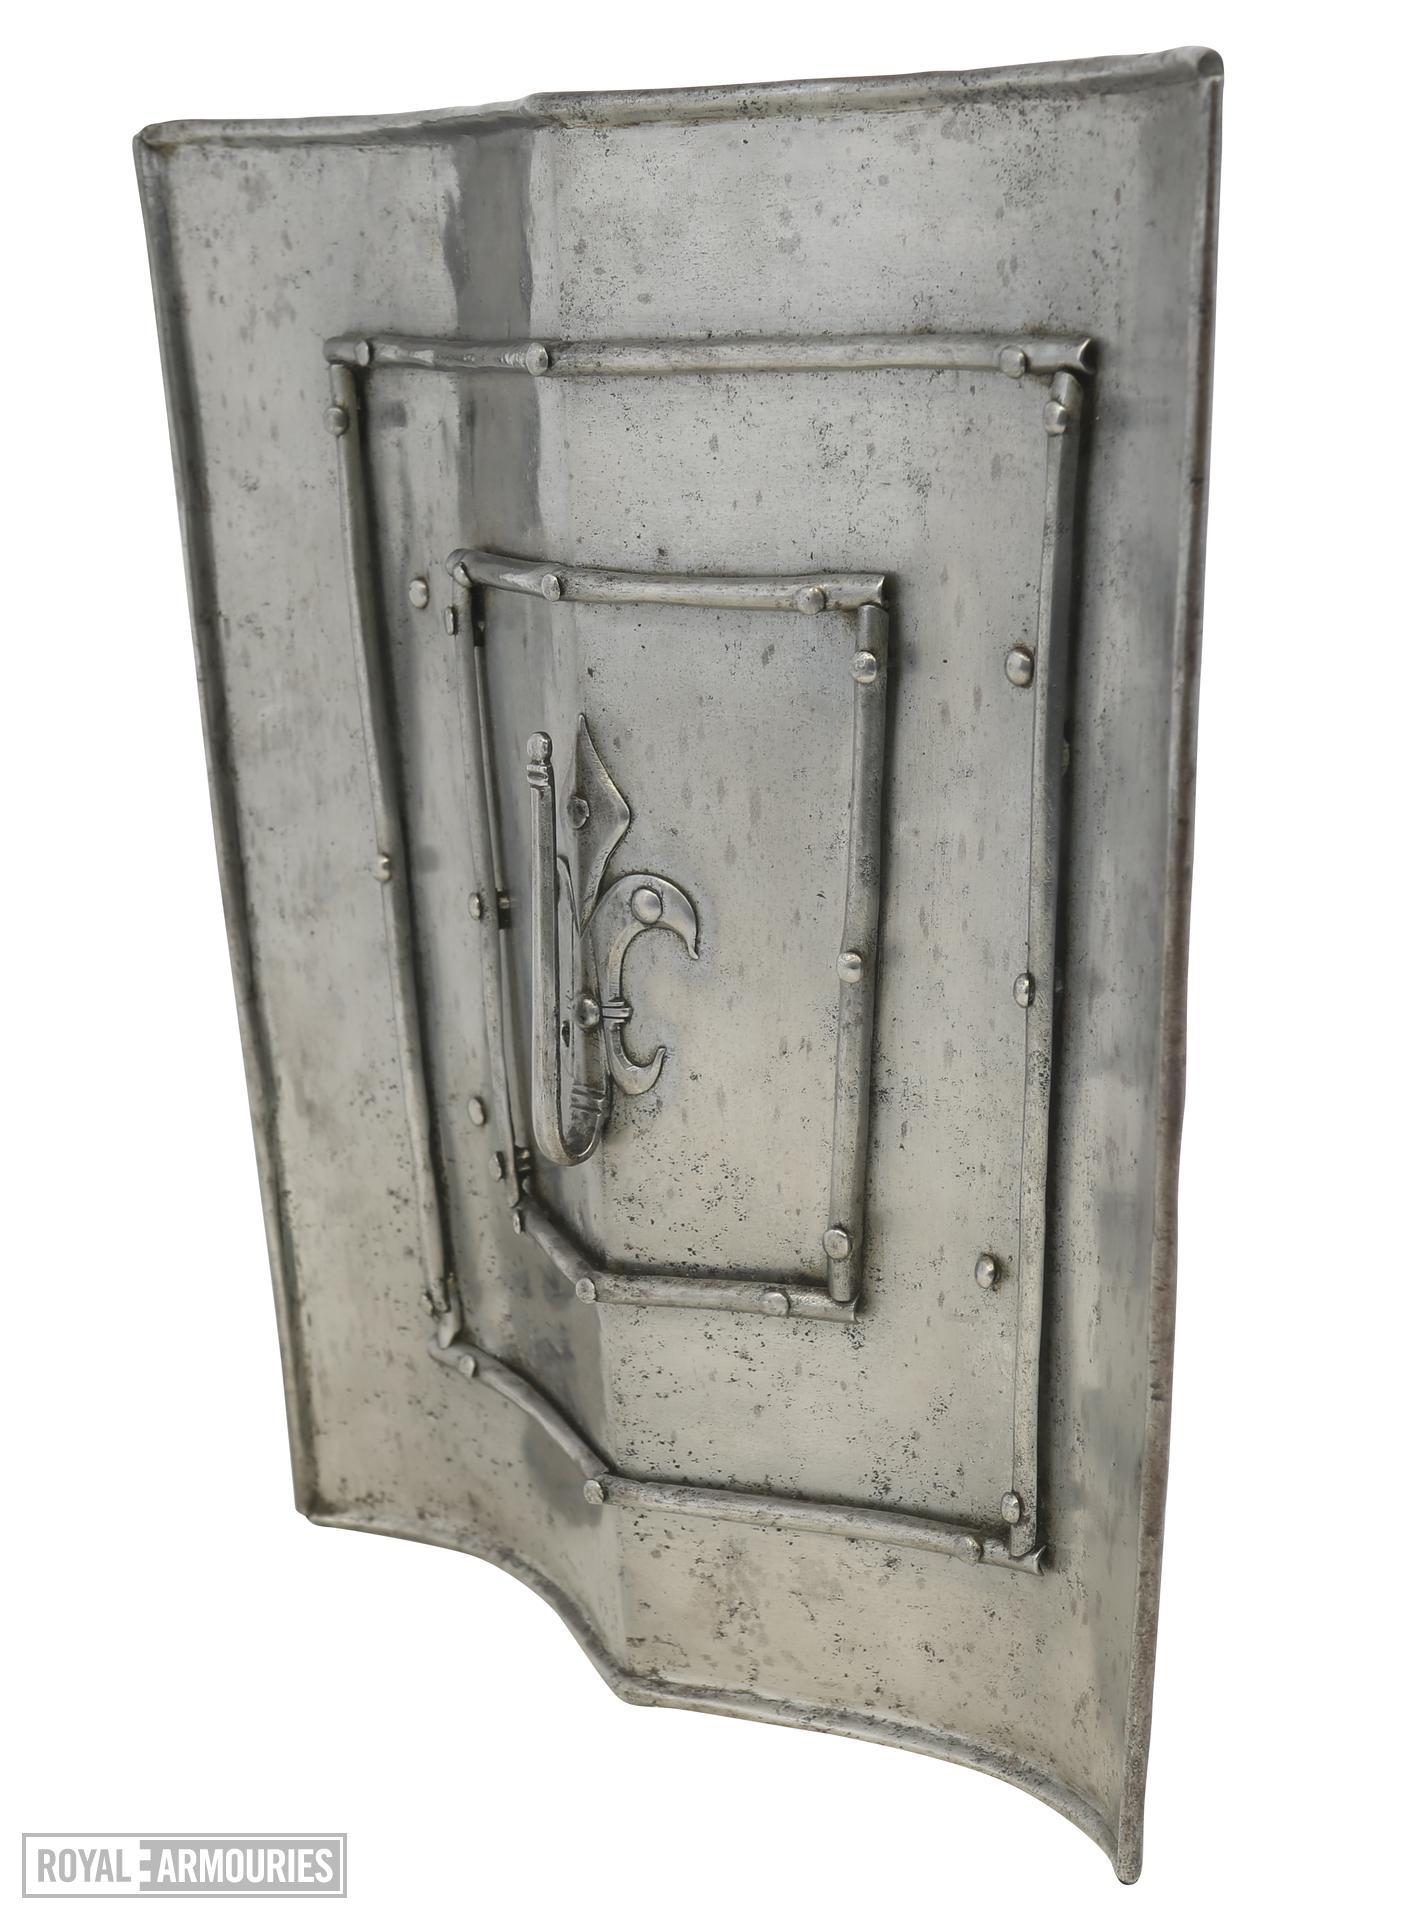 Buckler of rectangular outline. V.110